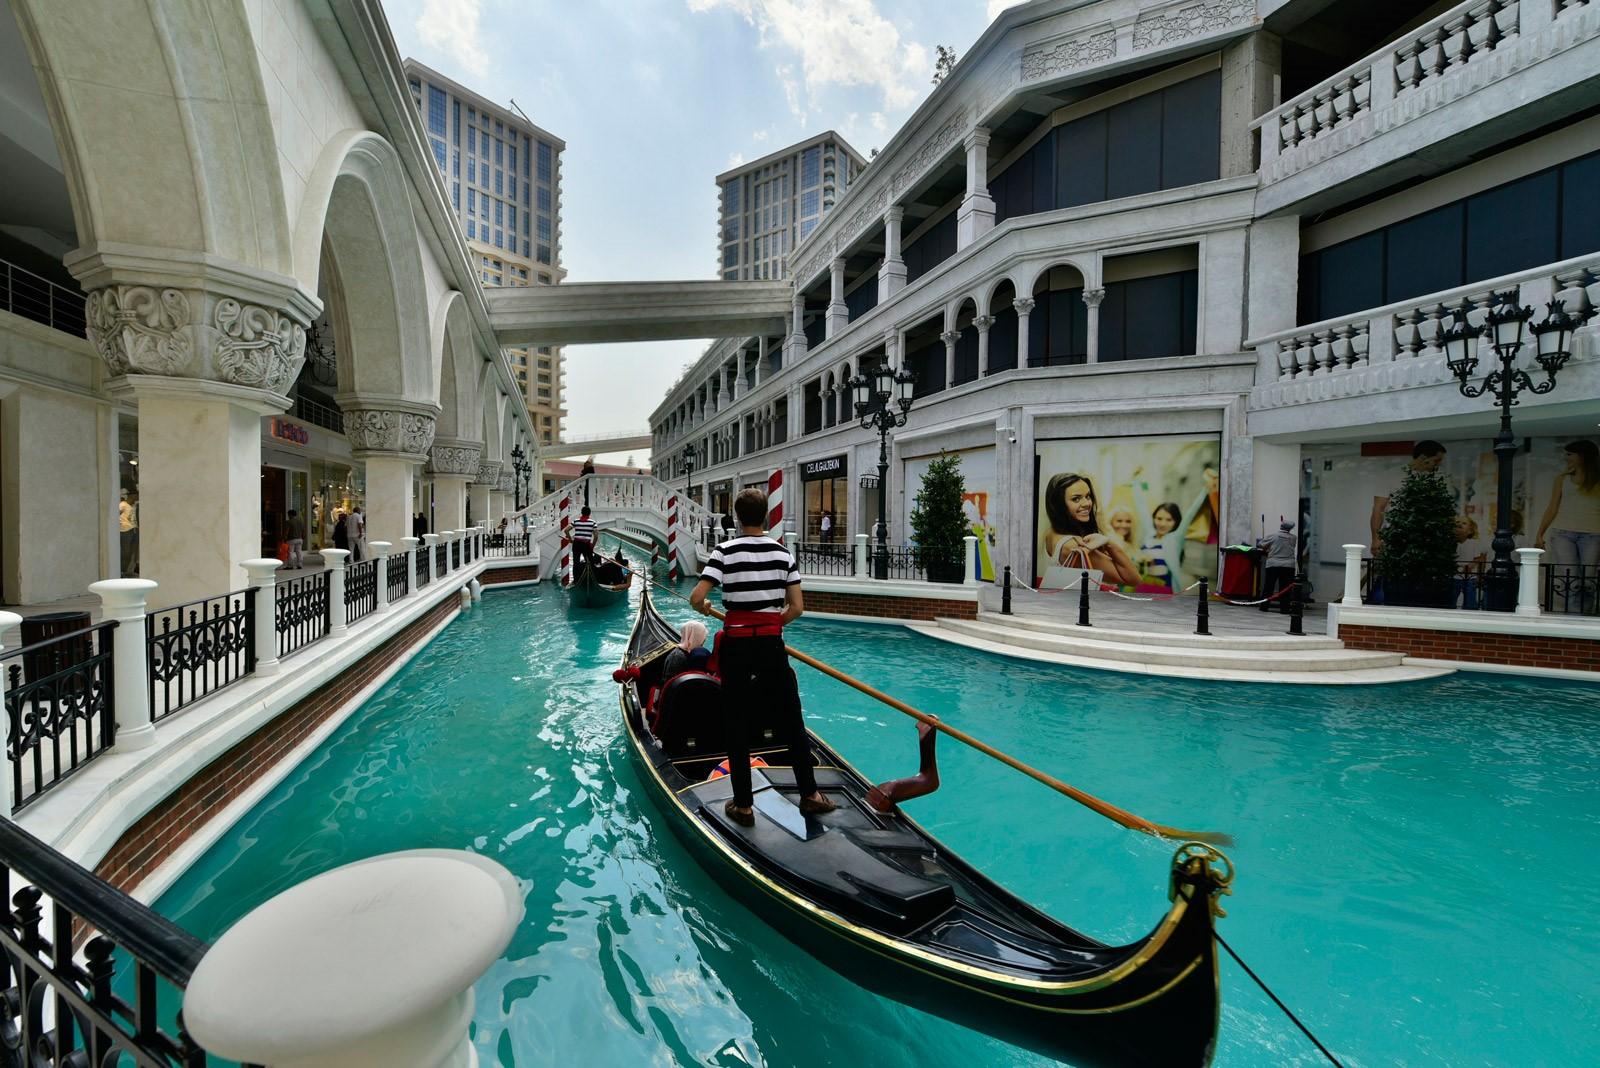 أنشطة يمكنك القيام بها في فينيسيا مول Venezia mall Mega Outlet :